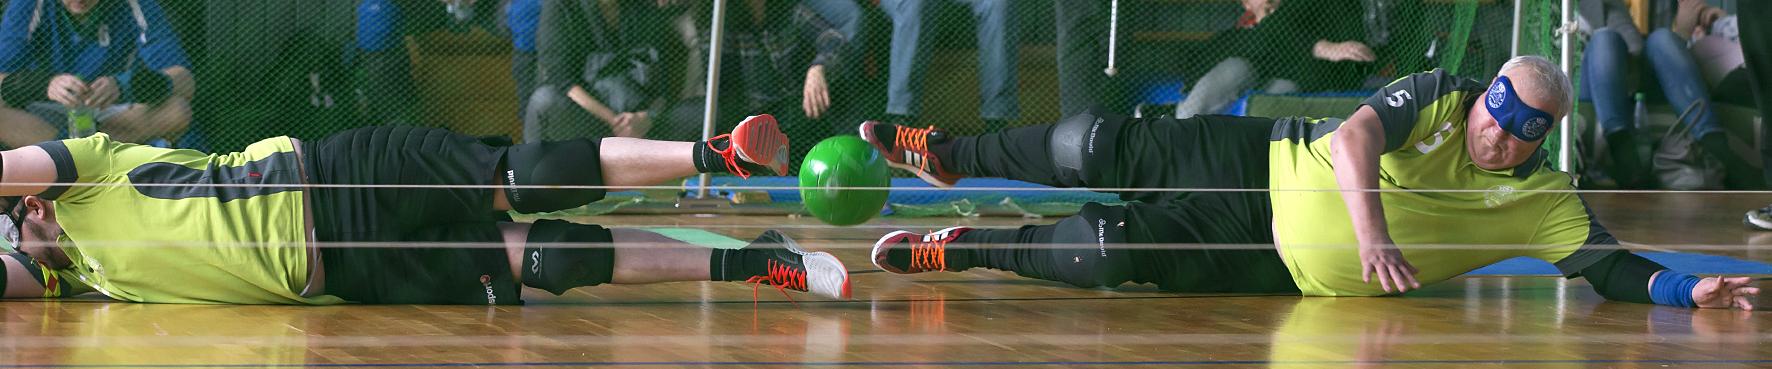 Spielszene Torball: zwei Spieler in der Abwehrhaltung mit den Füßen zueinander. Der Ball kommt genau auf die Schnittstelle.